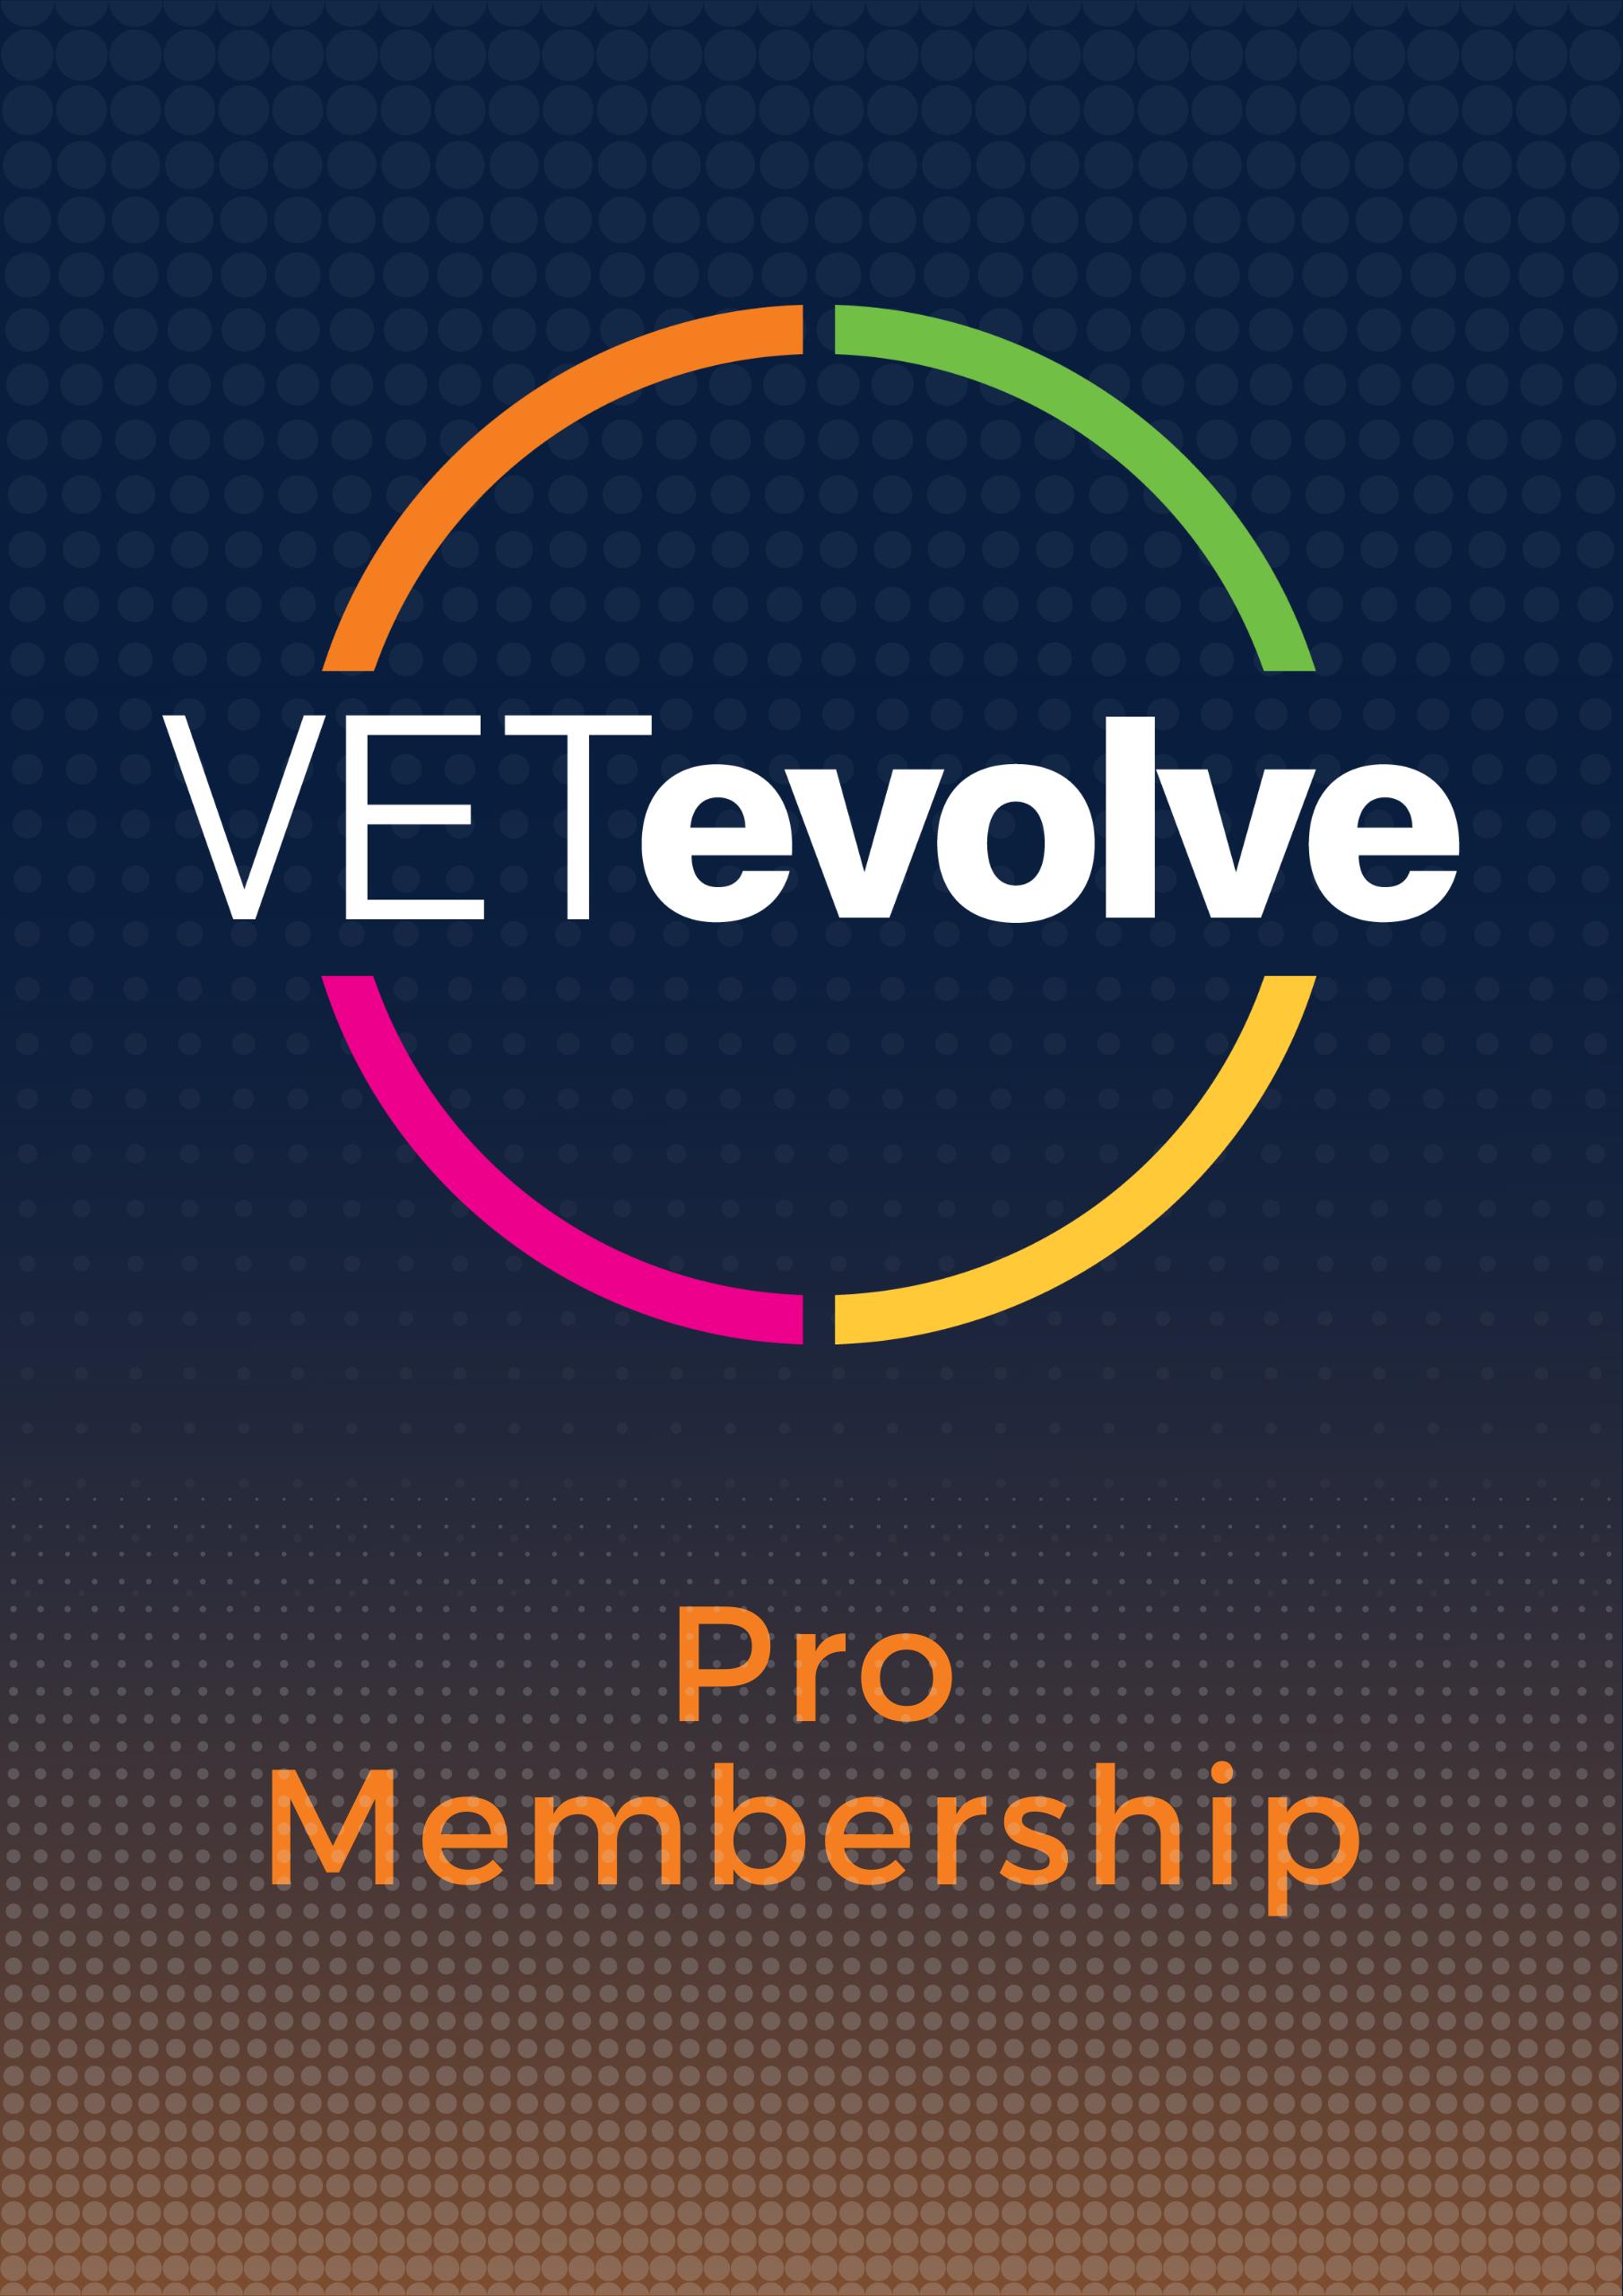 VETevolve Pro Membership